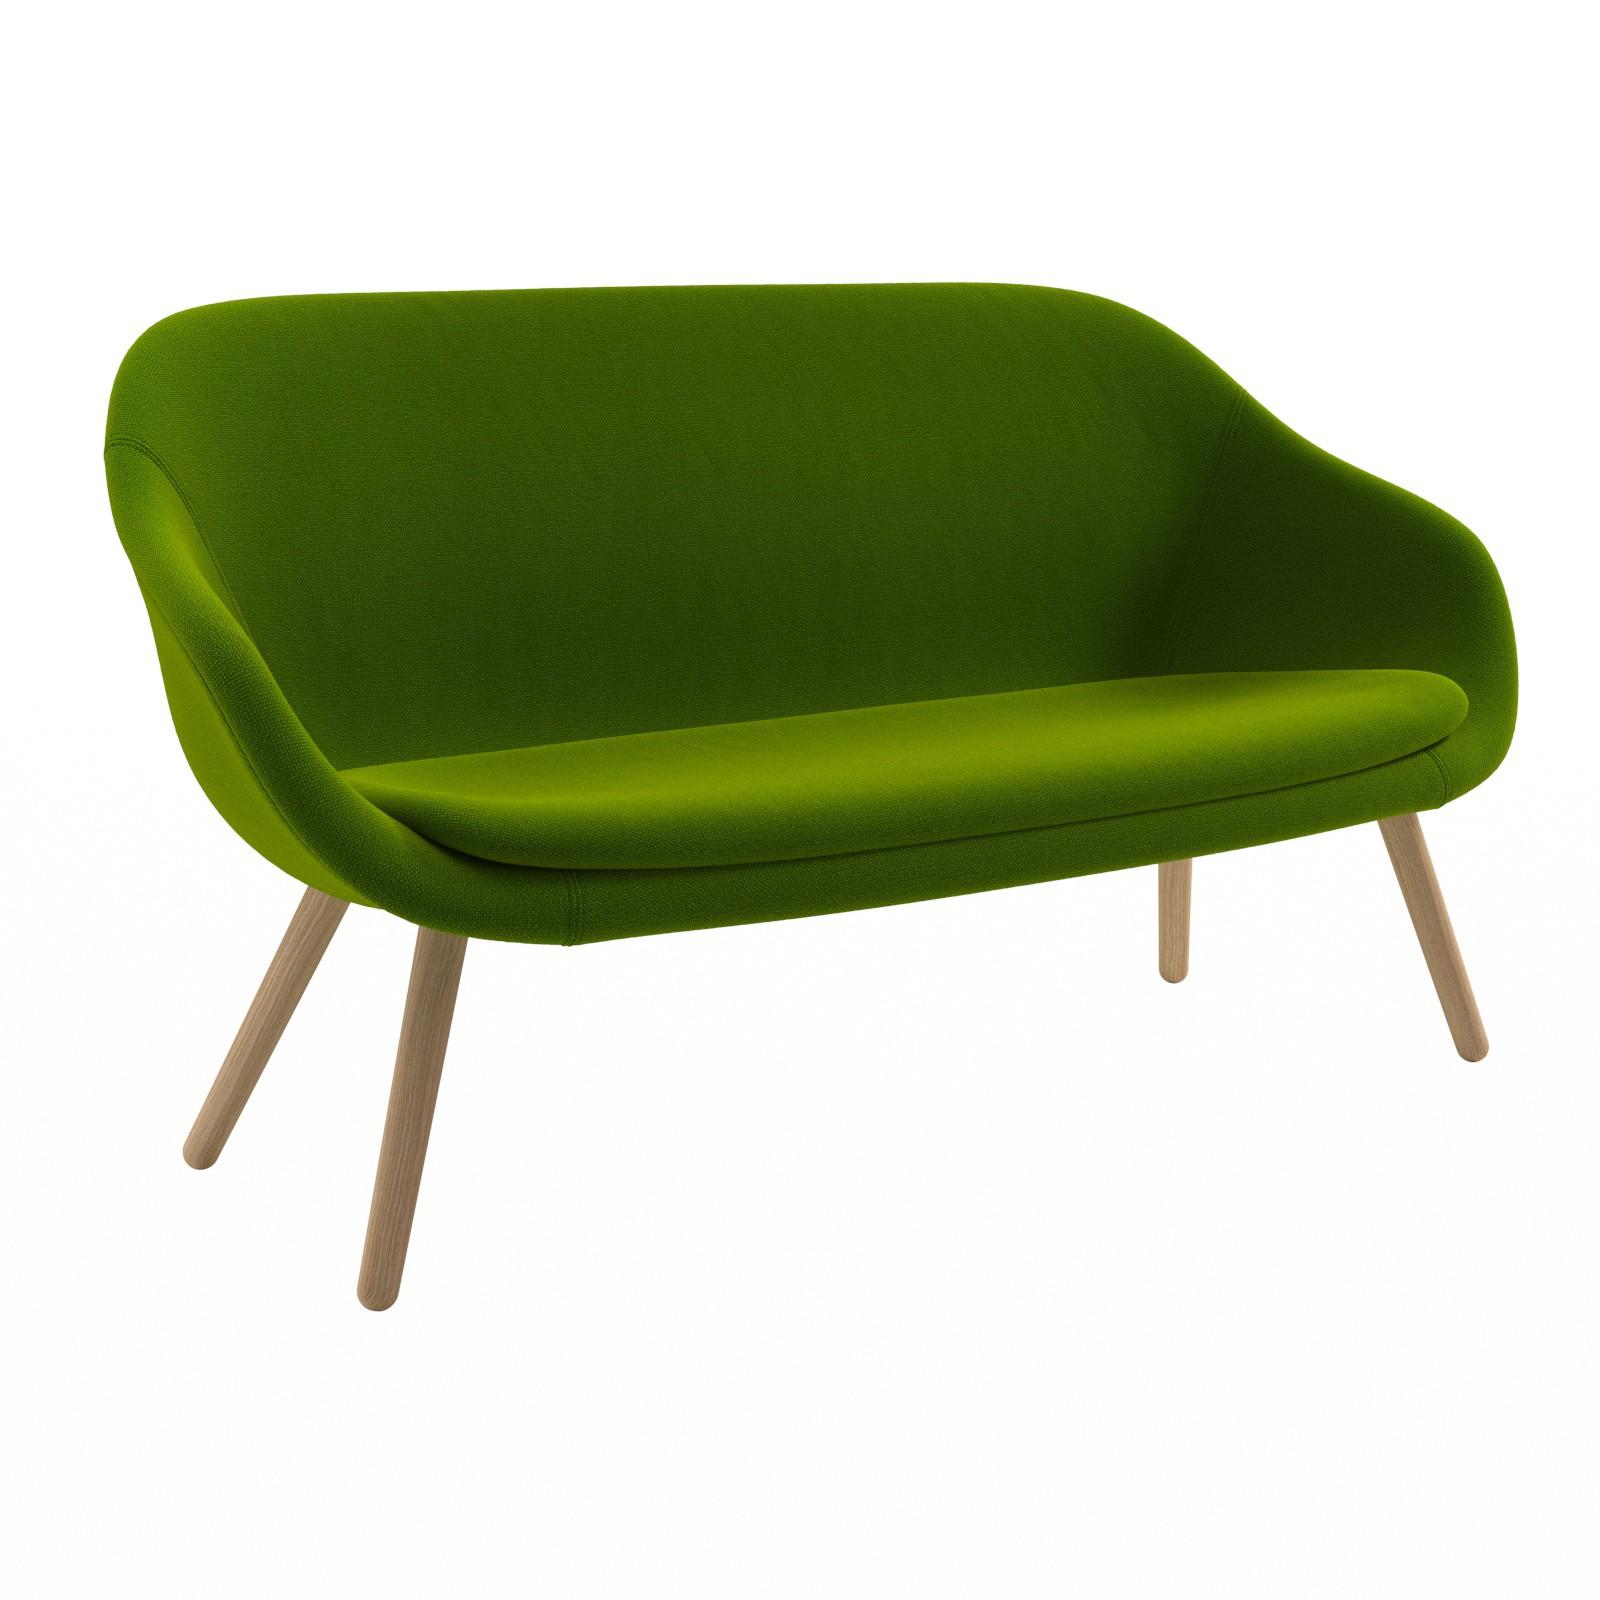 AAL sofa Hallingdal 65 960, Matt Lacquered Solid oak Frame, CMHR foam - No